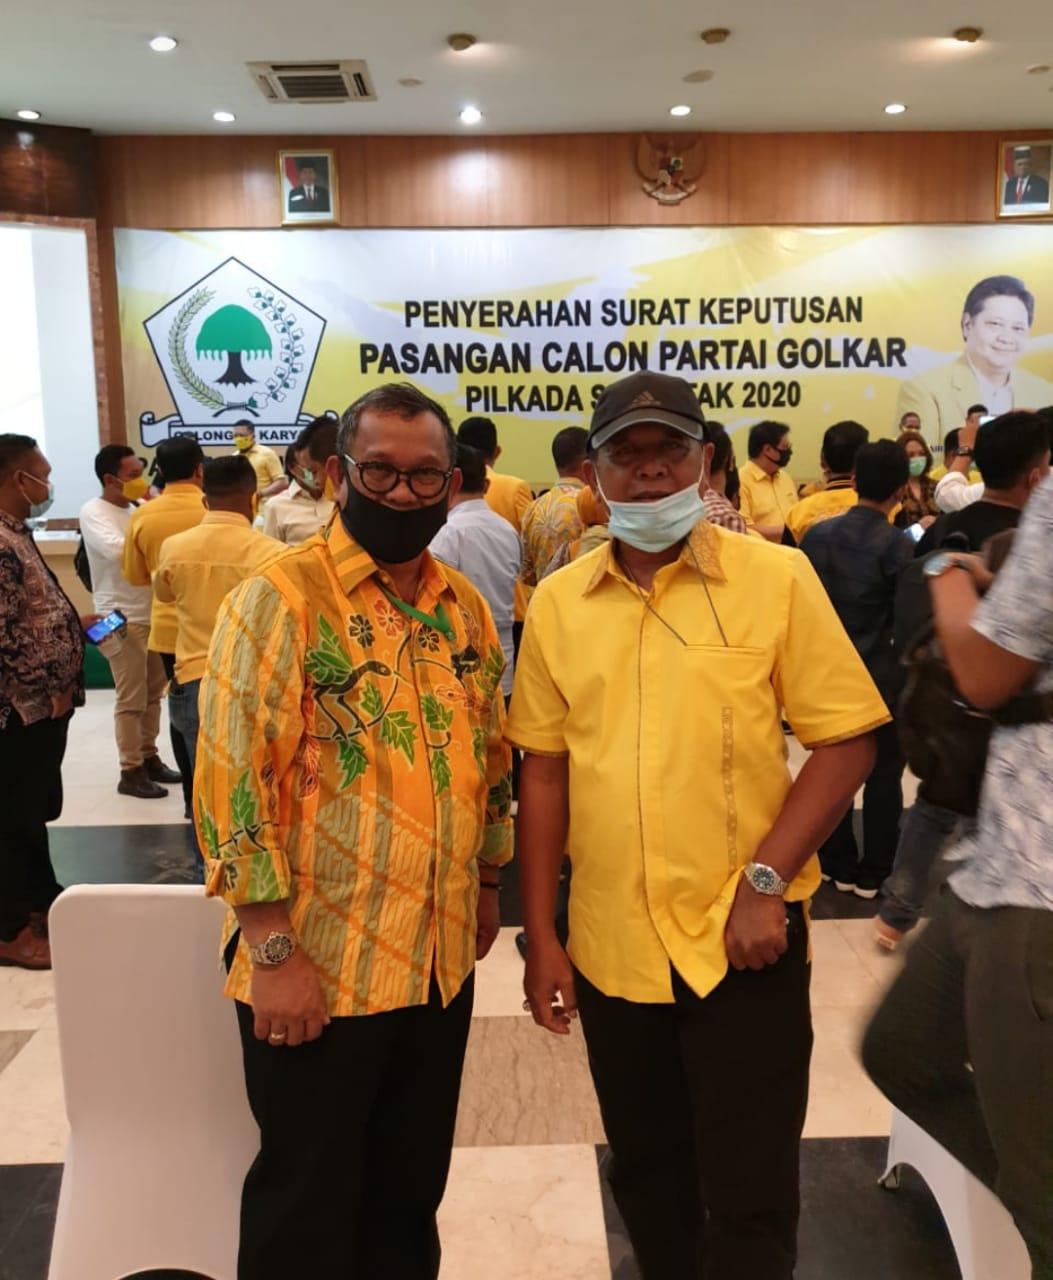 Pasangan AKAR-LHD Akhirnya Dapat Restu Dari DPP Partai Golkar